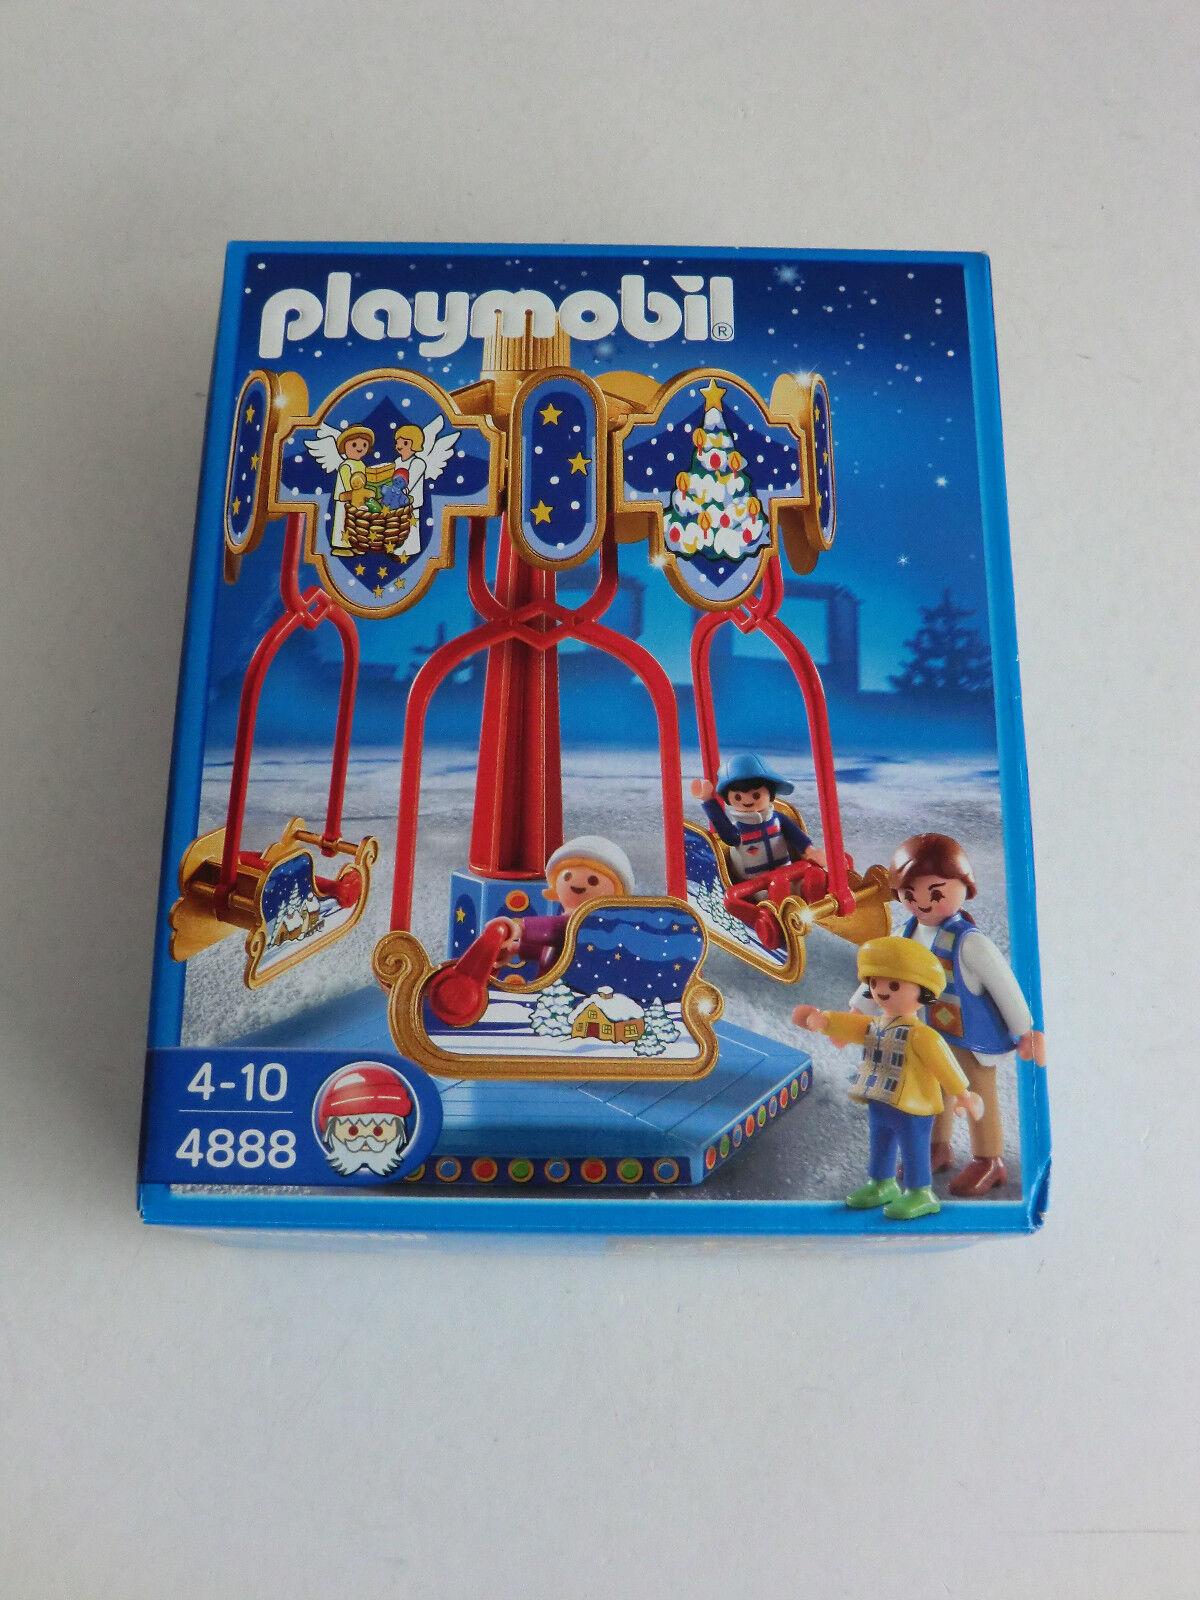 Playmobil 4888 Schlittenkarussell NEU OVP super rar siehe Fotos